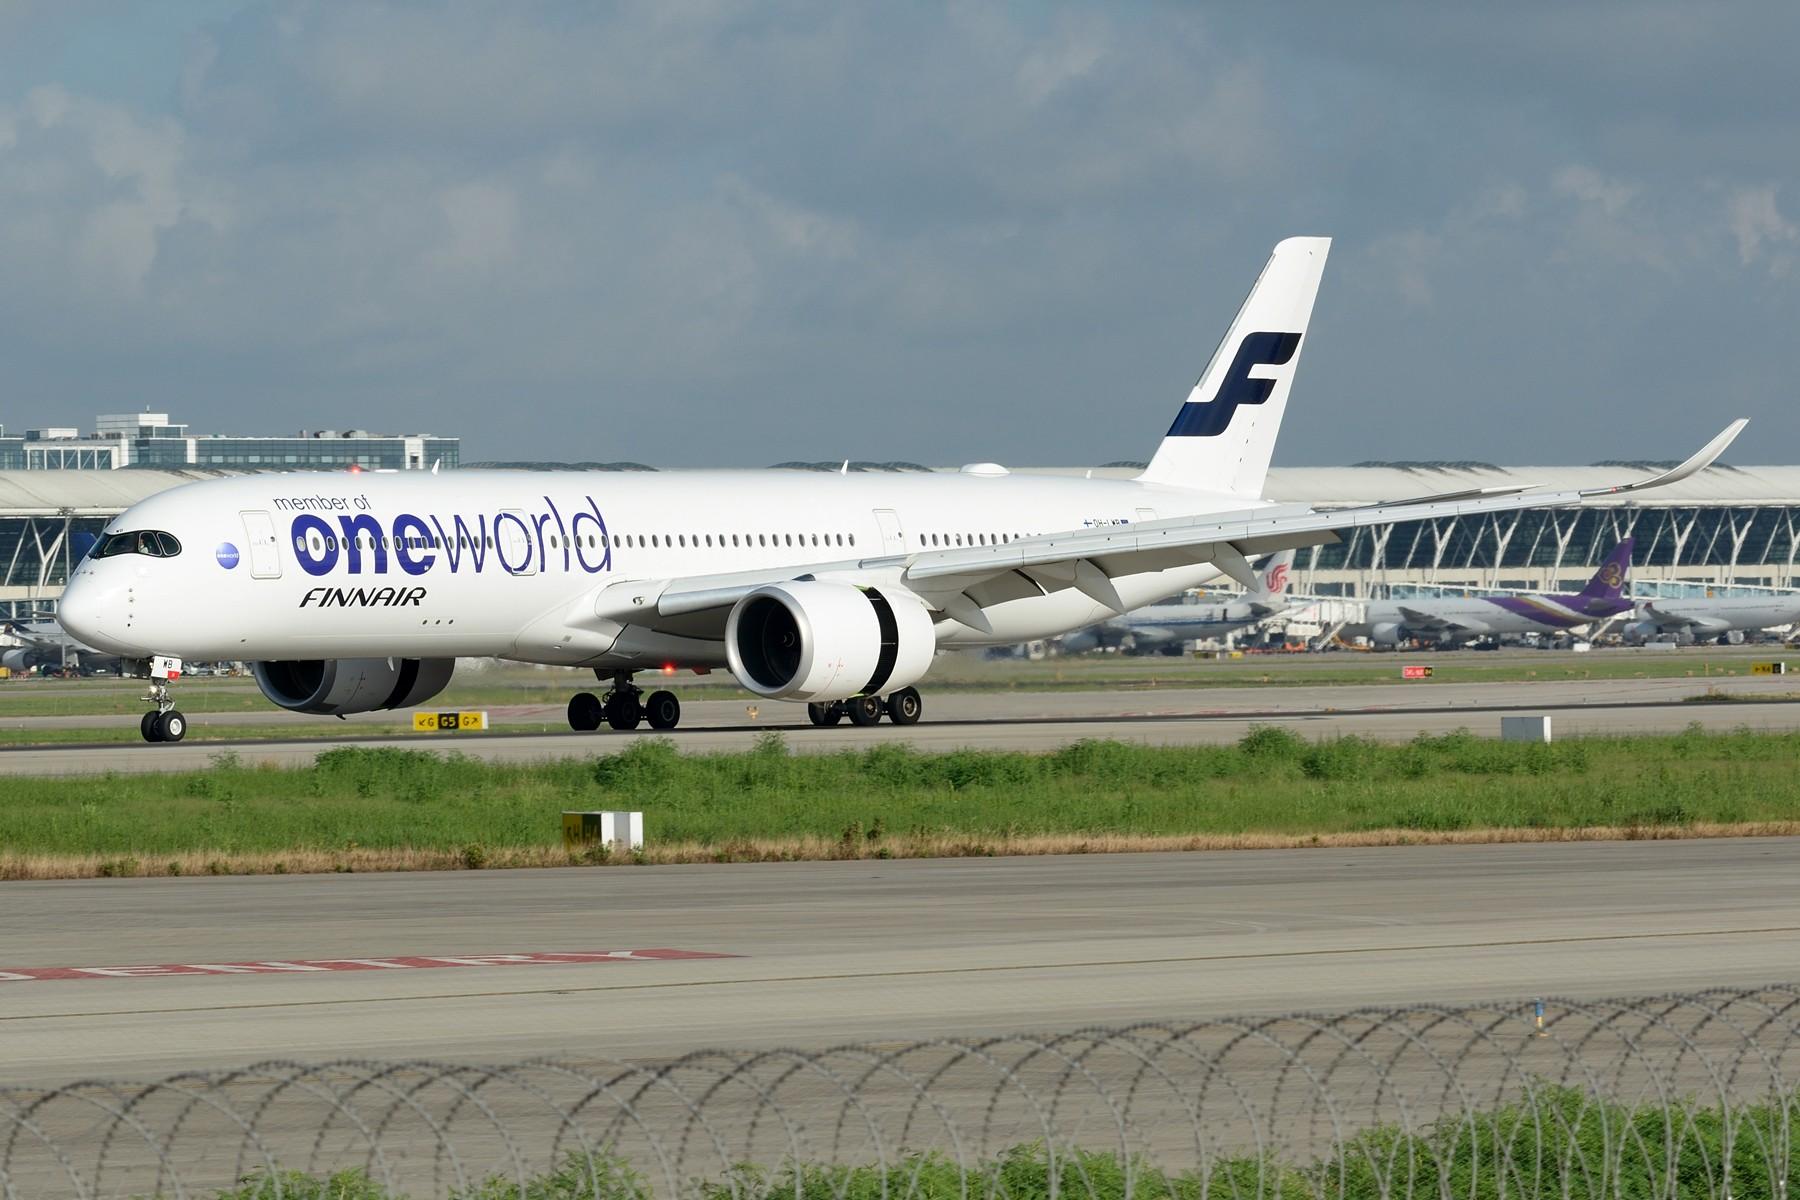 """[原创]【PVG】芬兰航空 A350-900 OH-LWB """"oneworld""""涂装 AIRBUS A350-900 OH-LWB 中国上海浦东国际机场"""